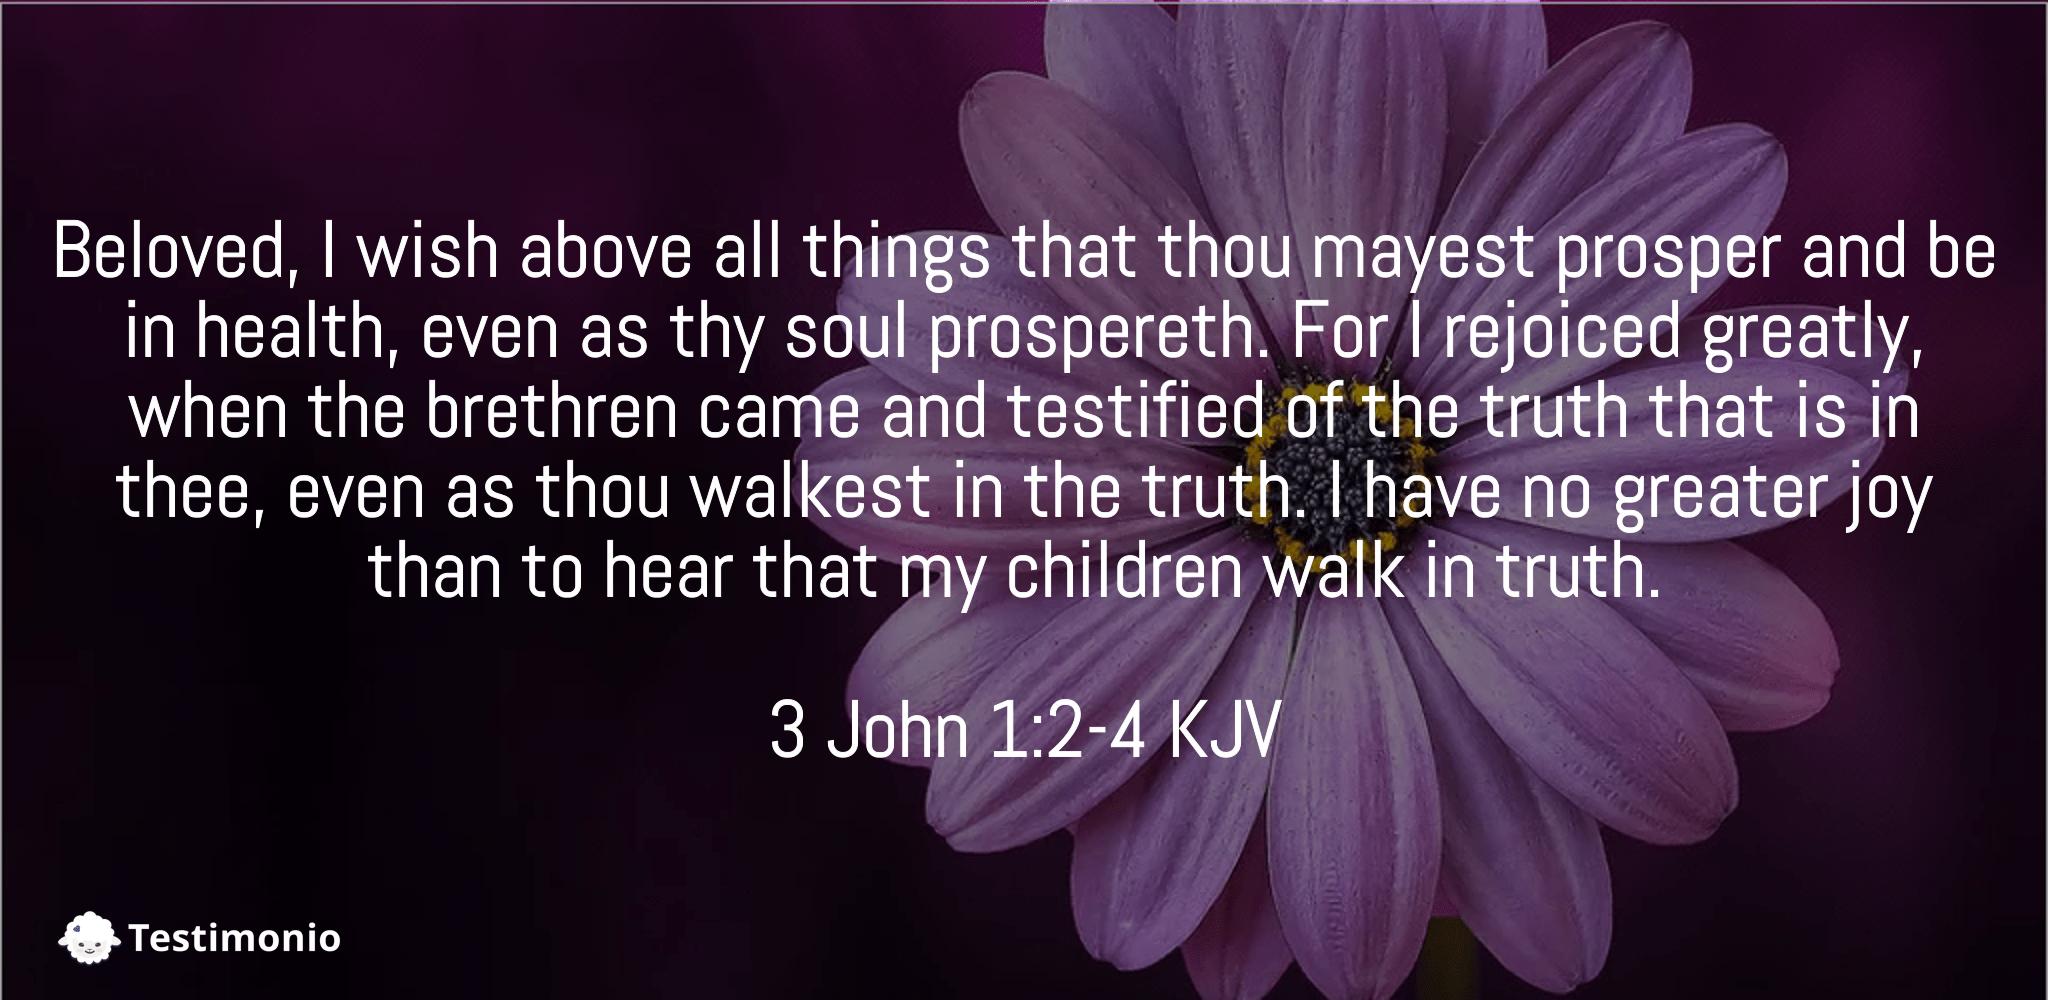 3 John 1:2-4